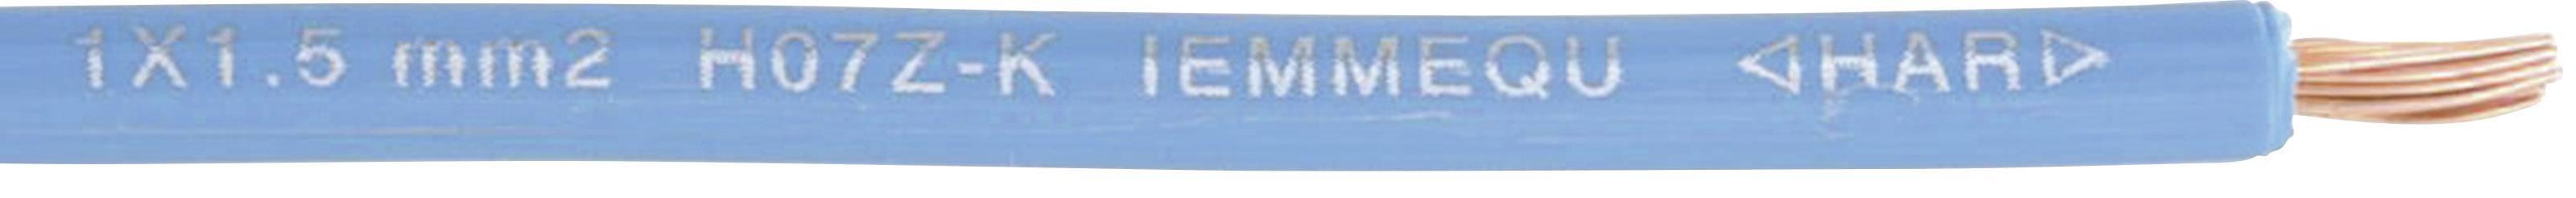 Pletenica H07Z-K 1 x 6 mm, temno modra Faber Kabel 040333 cena za meter